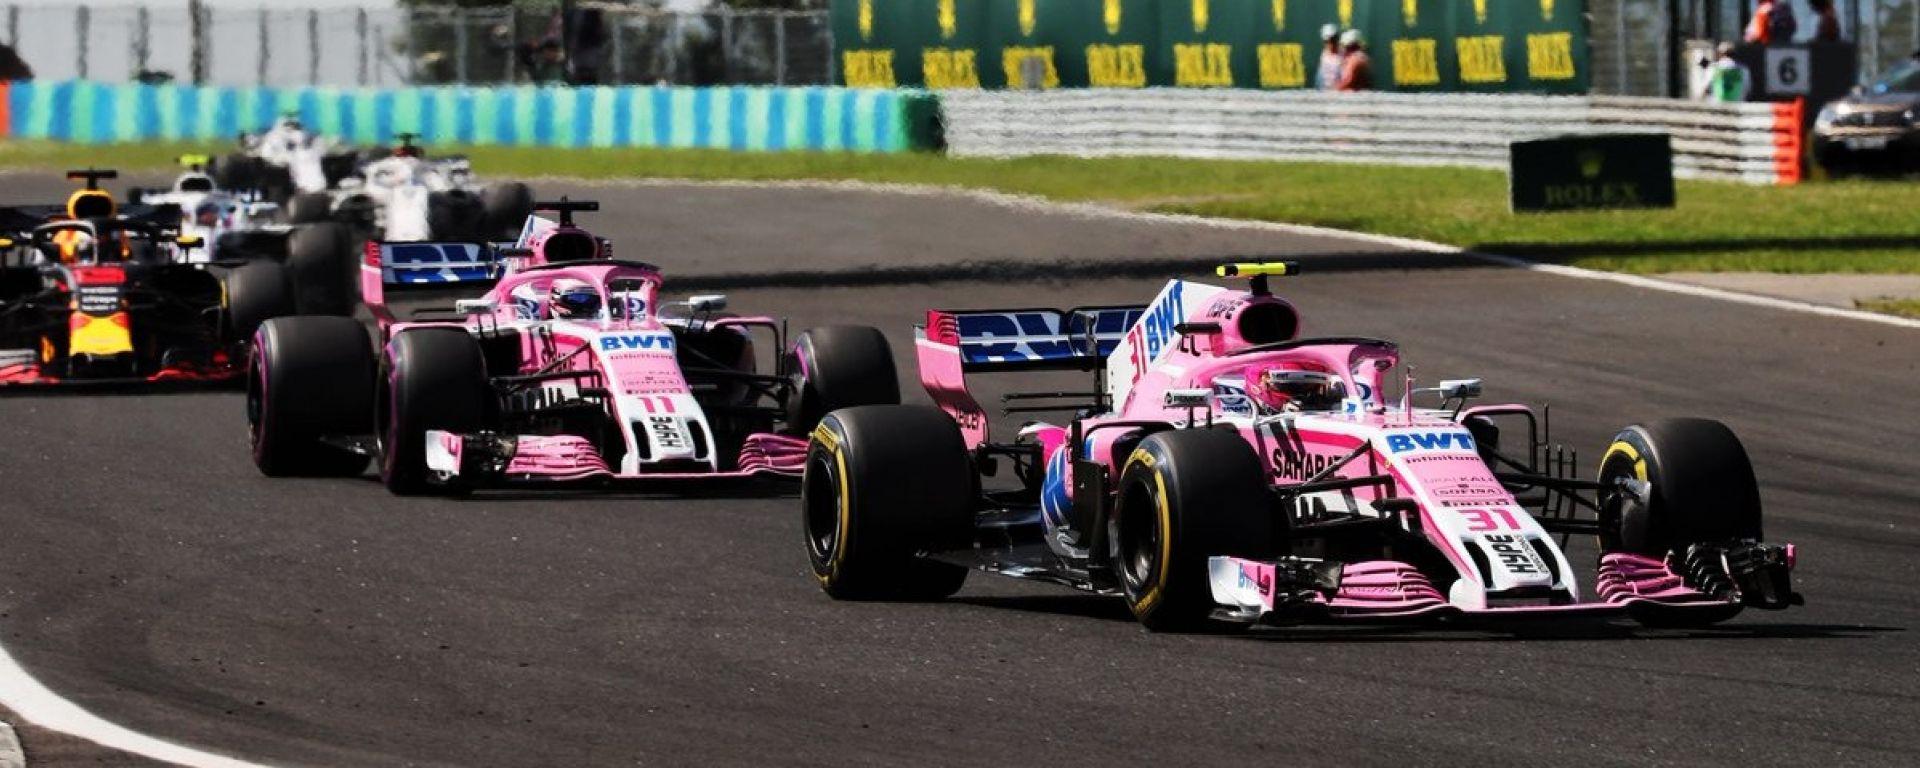 Force India dice addio al GP del Belgio? Troppi problemi per la proprietà